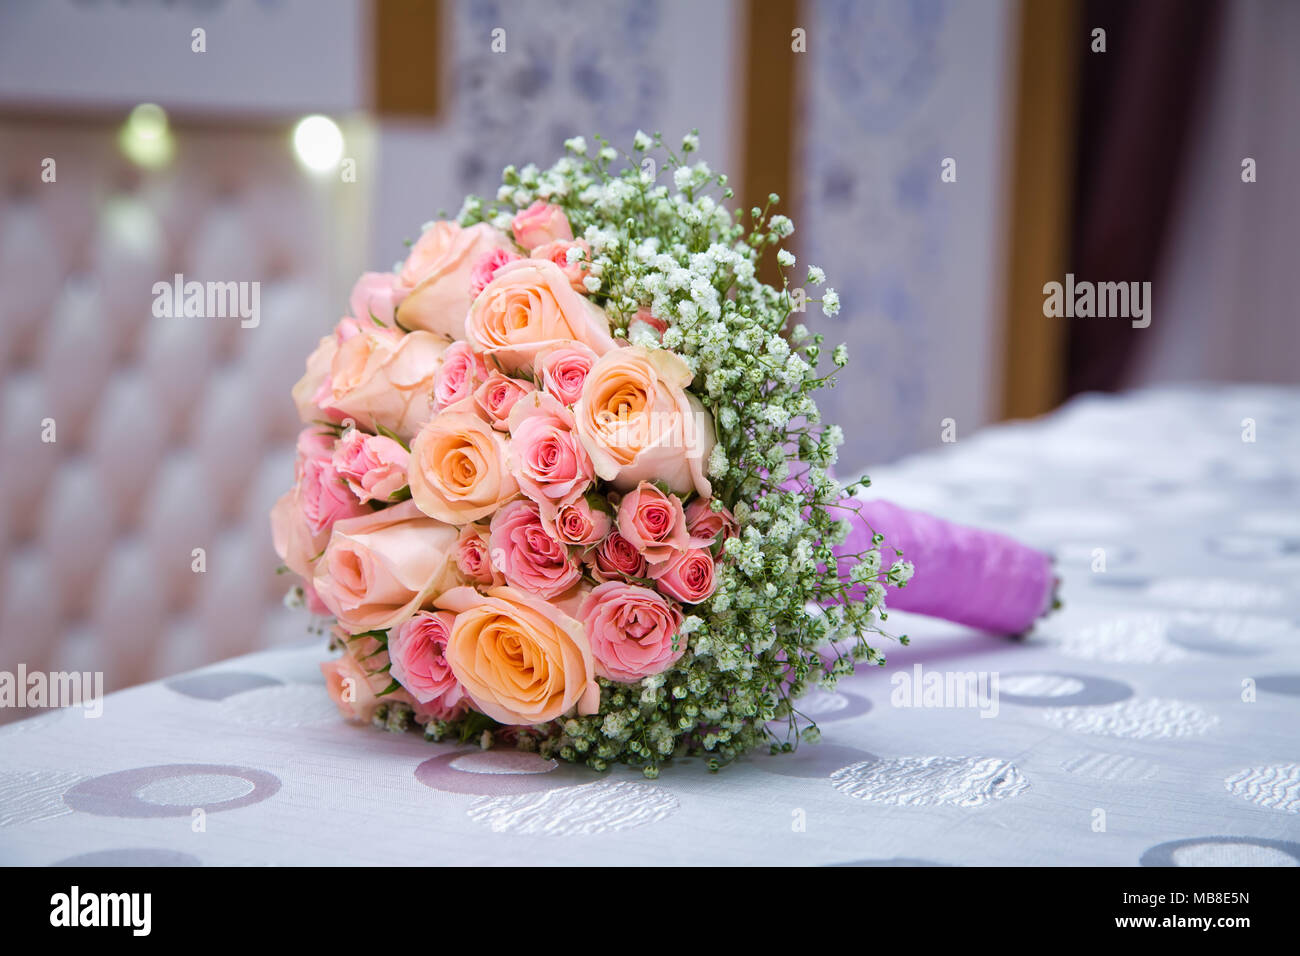 Brautstrauss Mit Orange Und Rosa Rosen Unterschiedlicher Grosse Mit